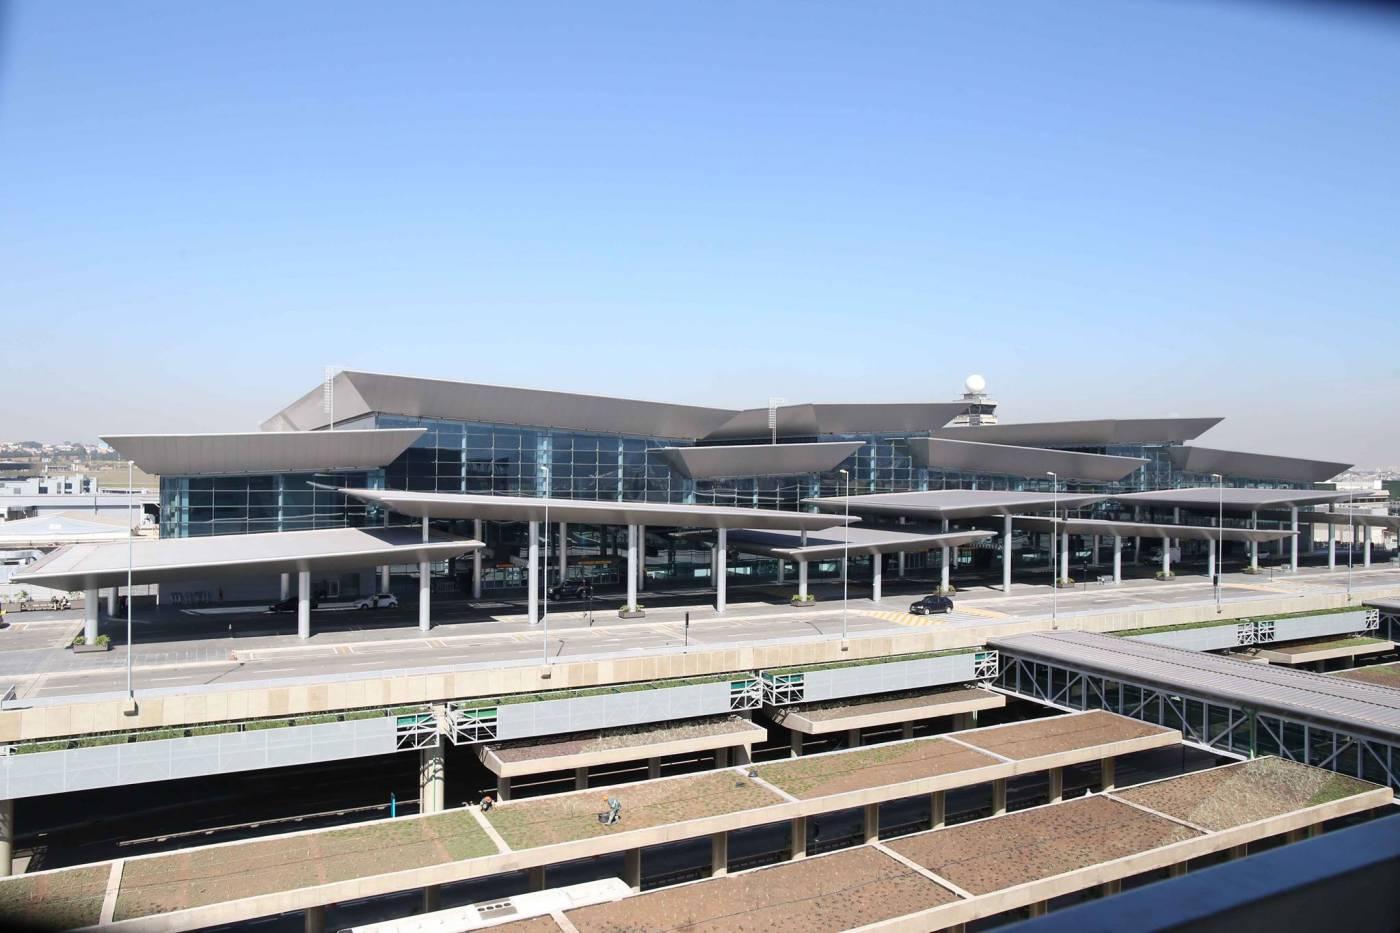 Média de satisfação dos passageiros com aeroportos se mantém estável